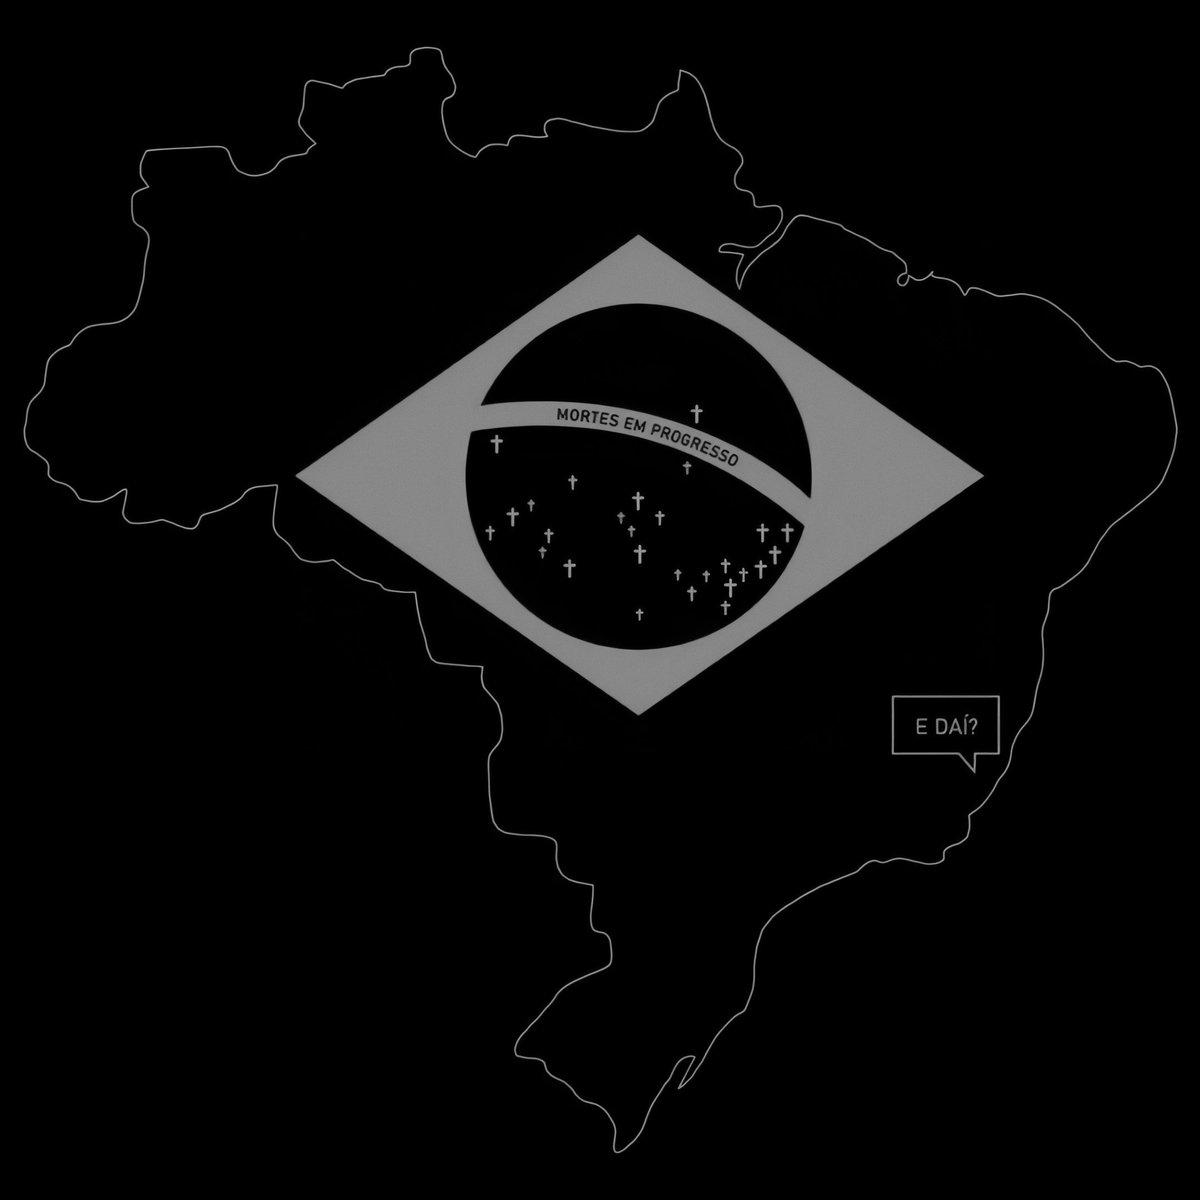 🇧🇷   Brasil, 25 de Outubro de 2020 1️⃣5️⃣7️⃣1️⃣3️⃣4️⃣ (+231) óbitos notificados por Covid-19 ⚠️ 5.394.128 (+13.493) casos notificados de Covid-19 🛑 Use máscara, respeite o isolamento social e defenda o SUS 🗣️ A pandemia não acabou Fonte: @ConassOficial #FiqueEmCasa #BolsonaroGenocida https://t.co/GS8g5HdAcQ